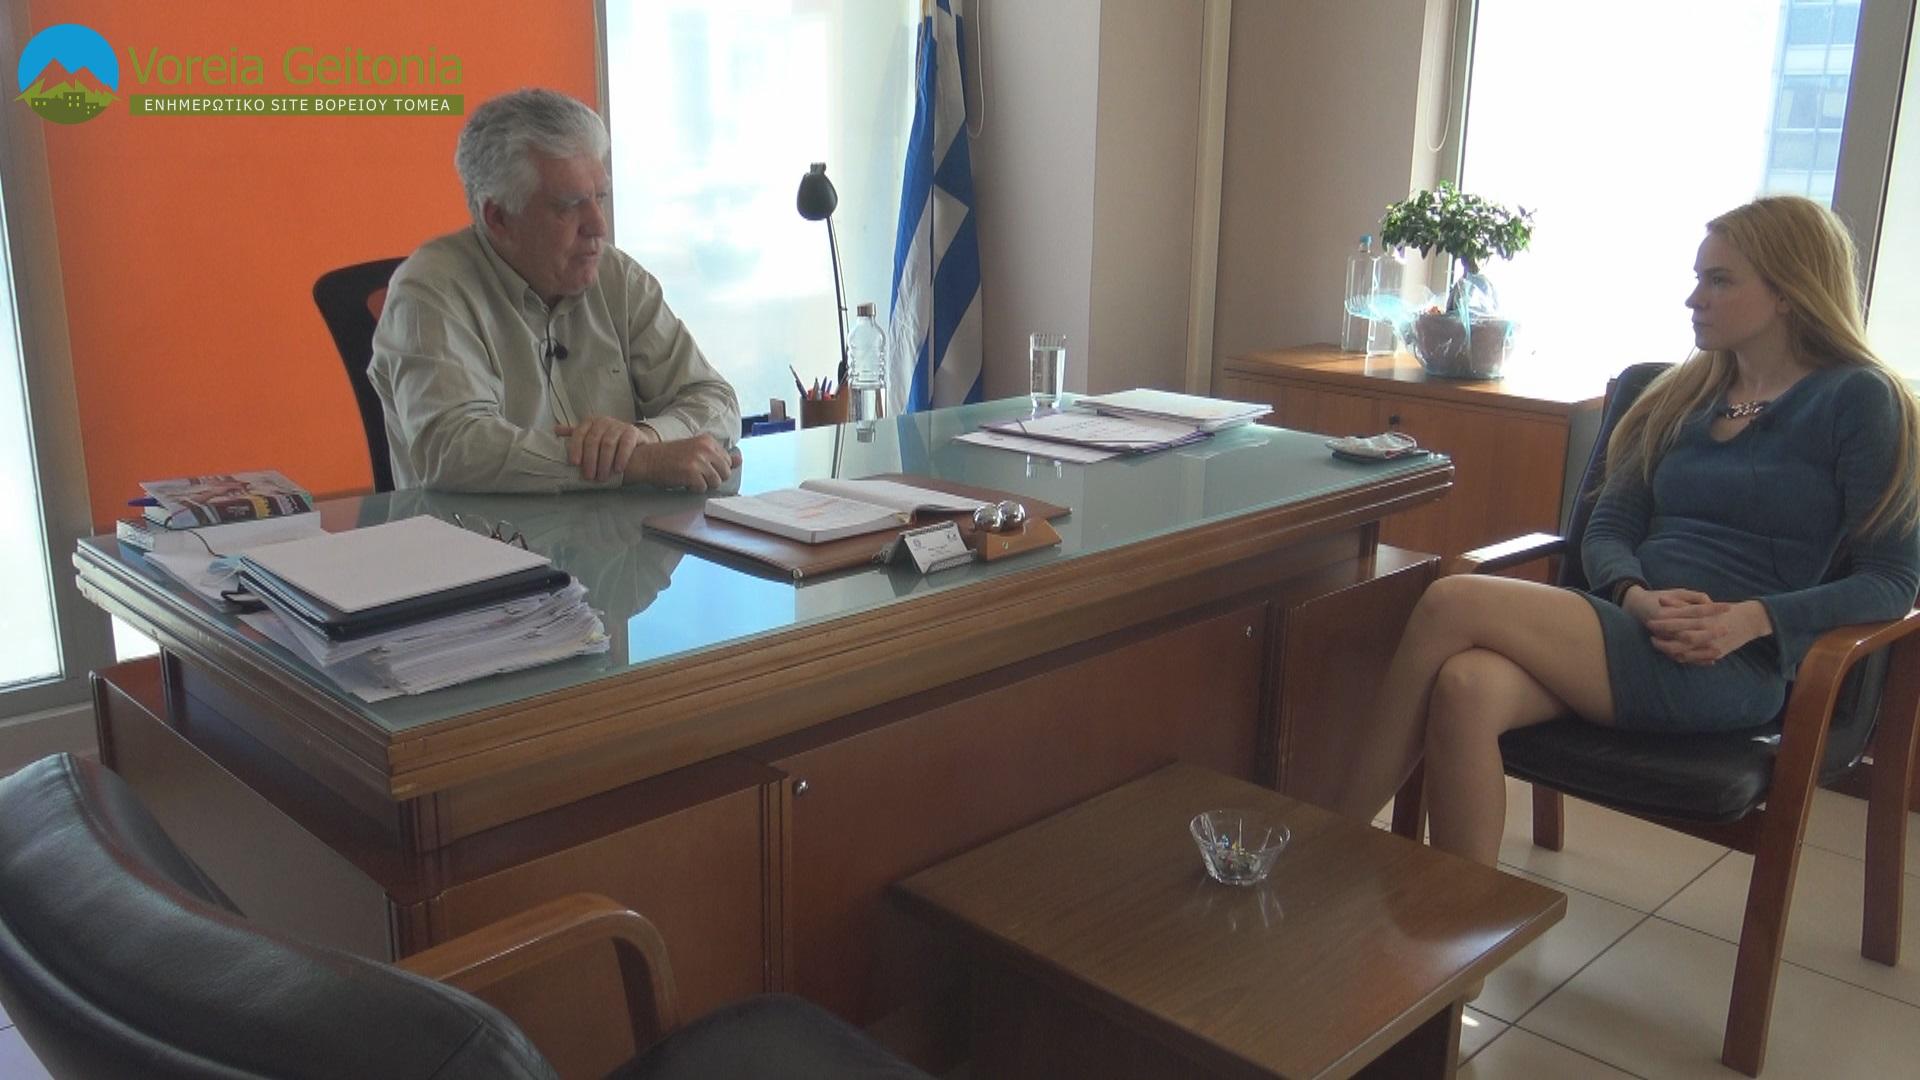 Βασίλης Ζορμπάς: Συνέντευξη Δημάρχου Αγίας Παρασκευής στην Δήμητρα Κούτρα